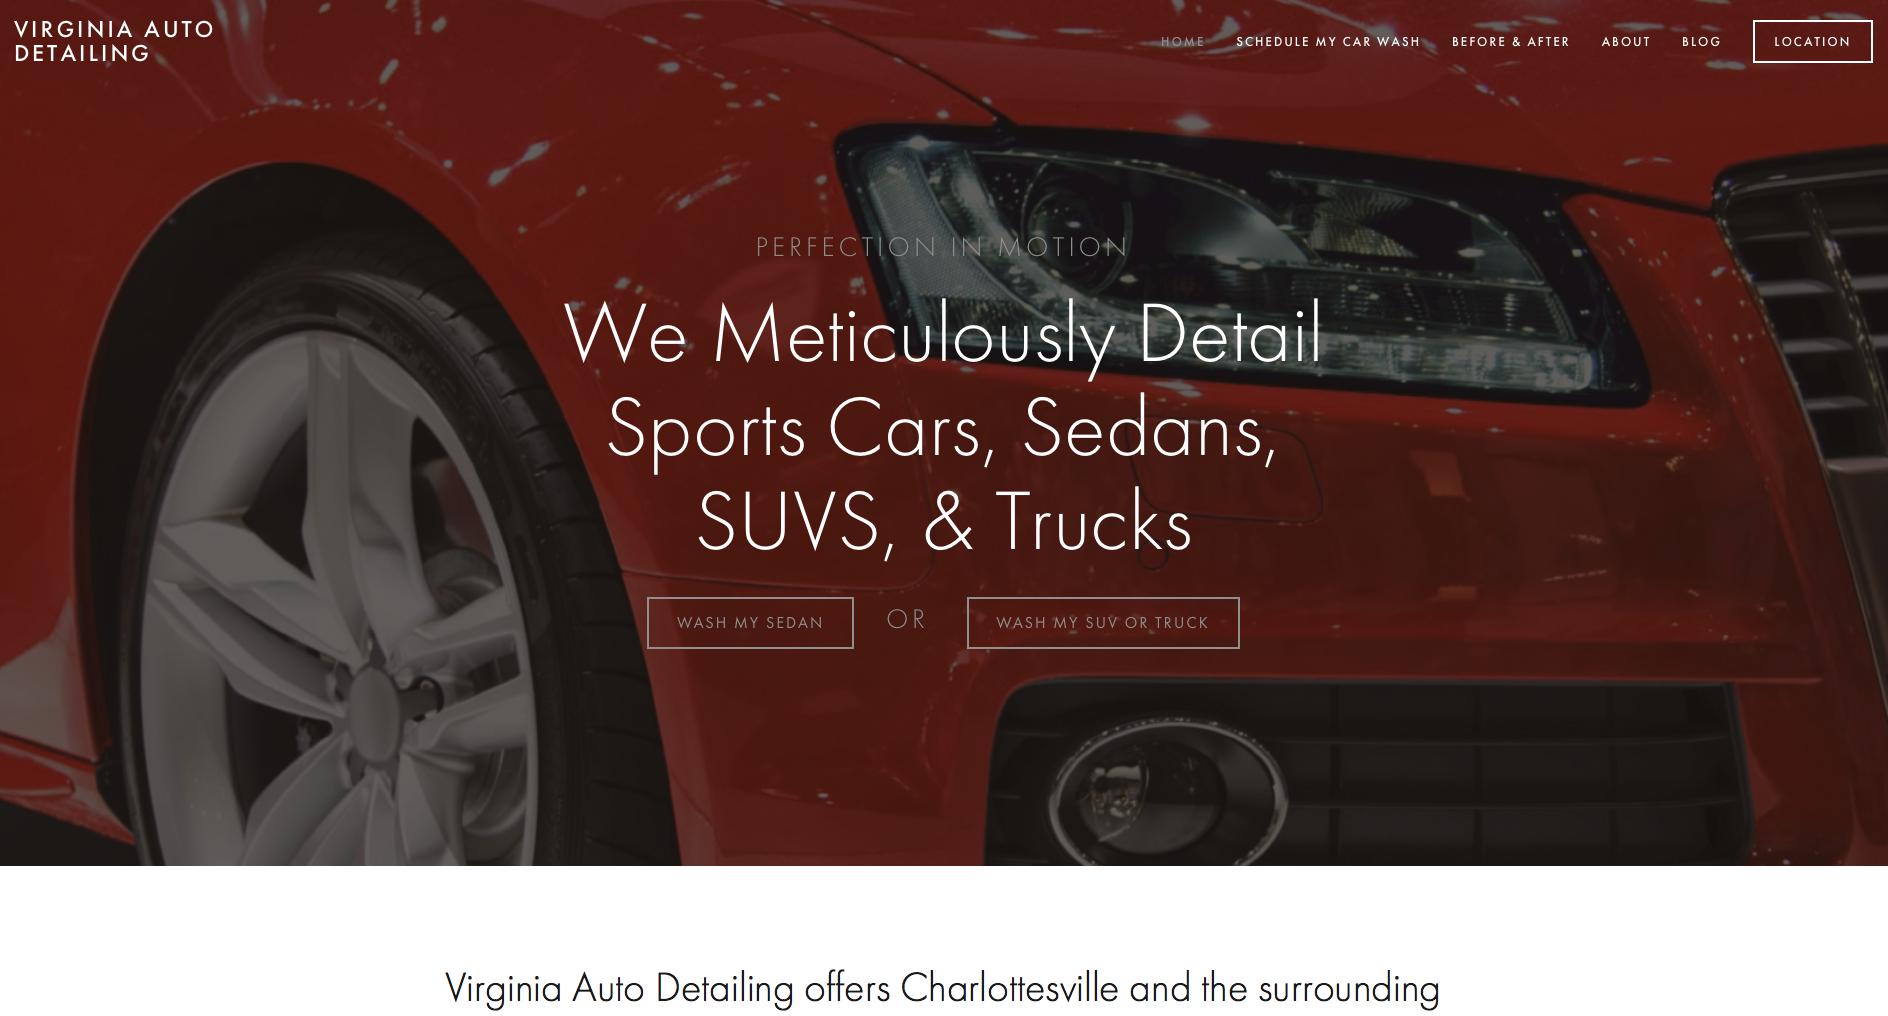 Website Design - Virginia Auto Detailing